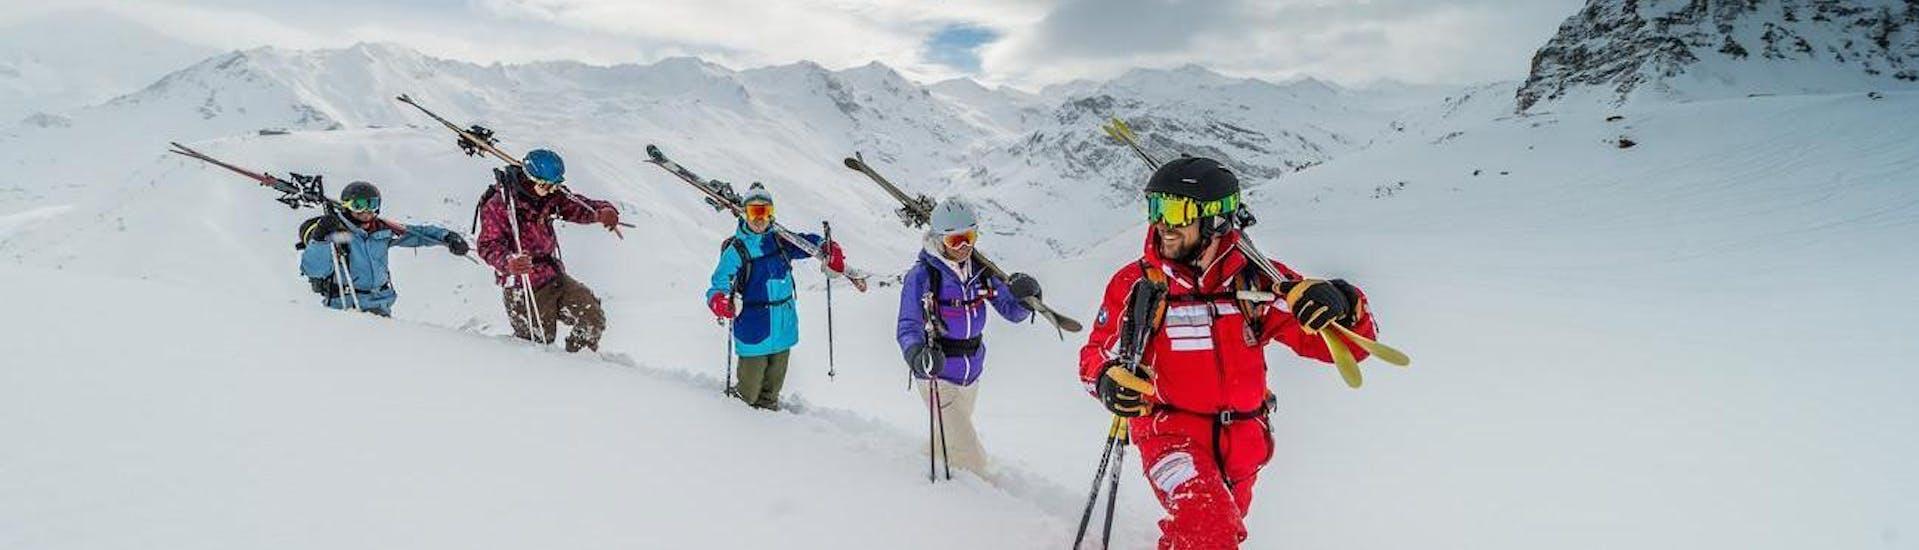 Un groupe de passionnés de ski partage leur passion pour le ski freeride pendant leur Cours particulier de ski freeride - Tous niveaux en explorant de nouveaux endroits avec leur moniteur professionnel de l'école de ski ESF Val d'Isère.